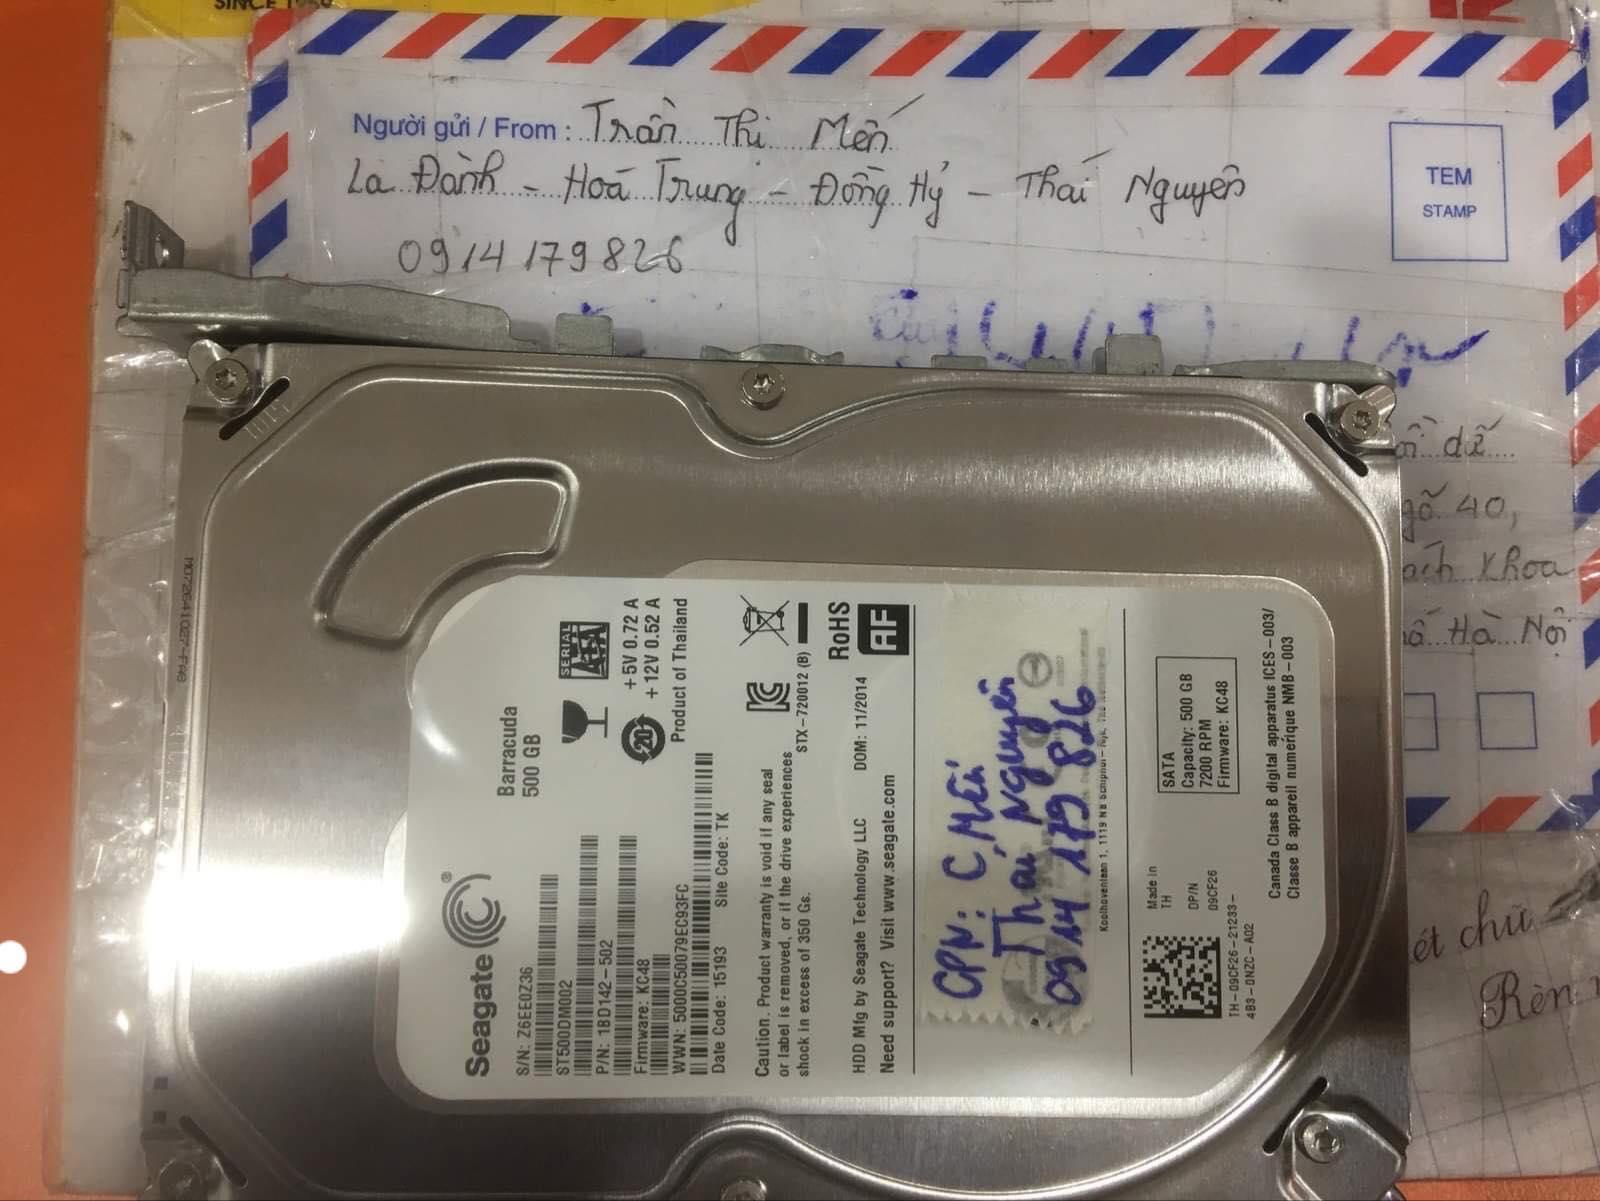 Lấy dữ liệu ổ cứng Seagate 500GB lỗi đầu đọc tại Thái Nguyên 10/12/2019 - cuumaytinh